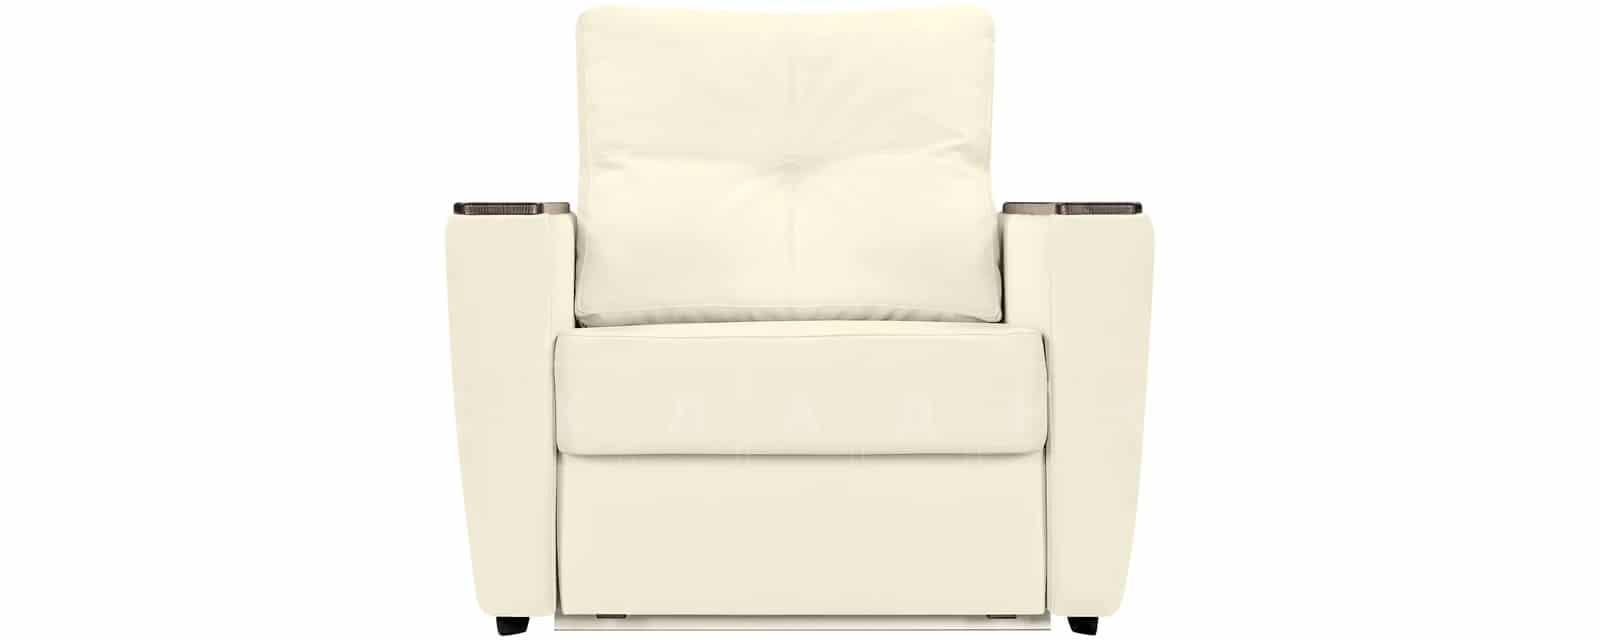 Кресло Майами молочного цвета со спальным местом фото 2 | интернет-магазин Складно